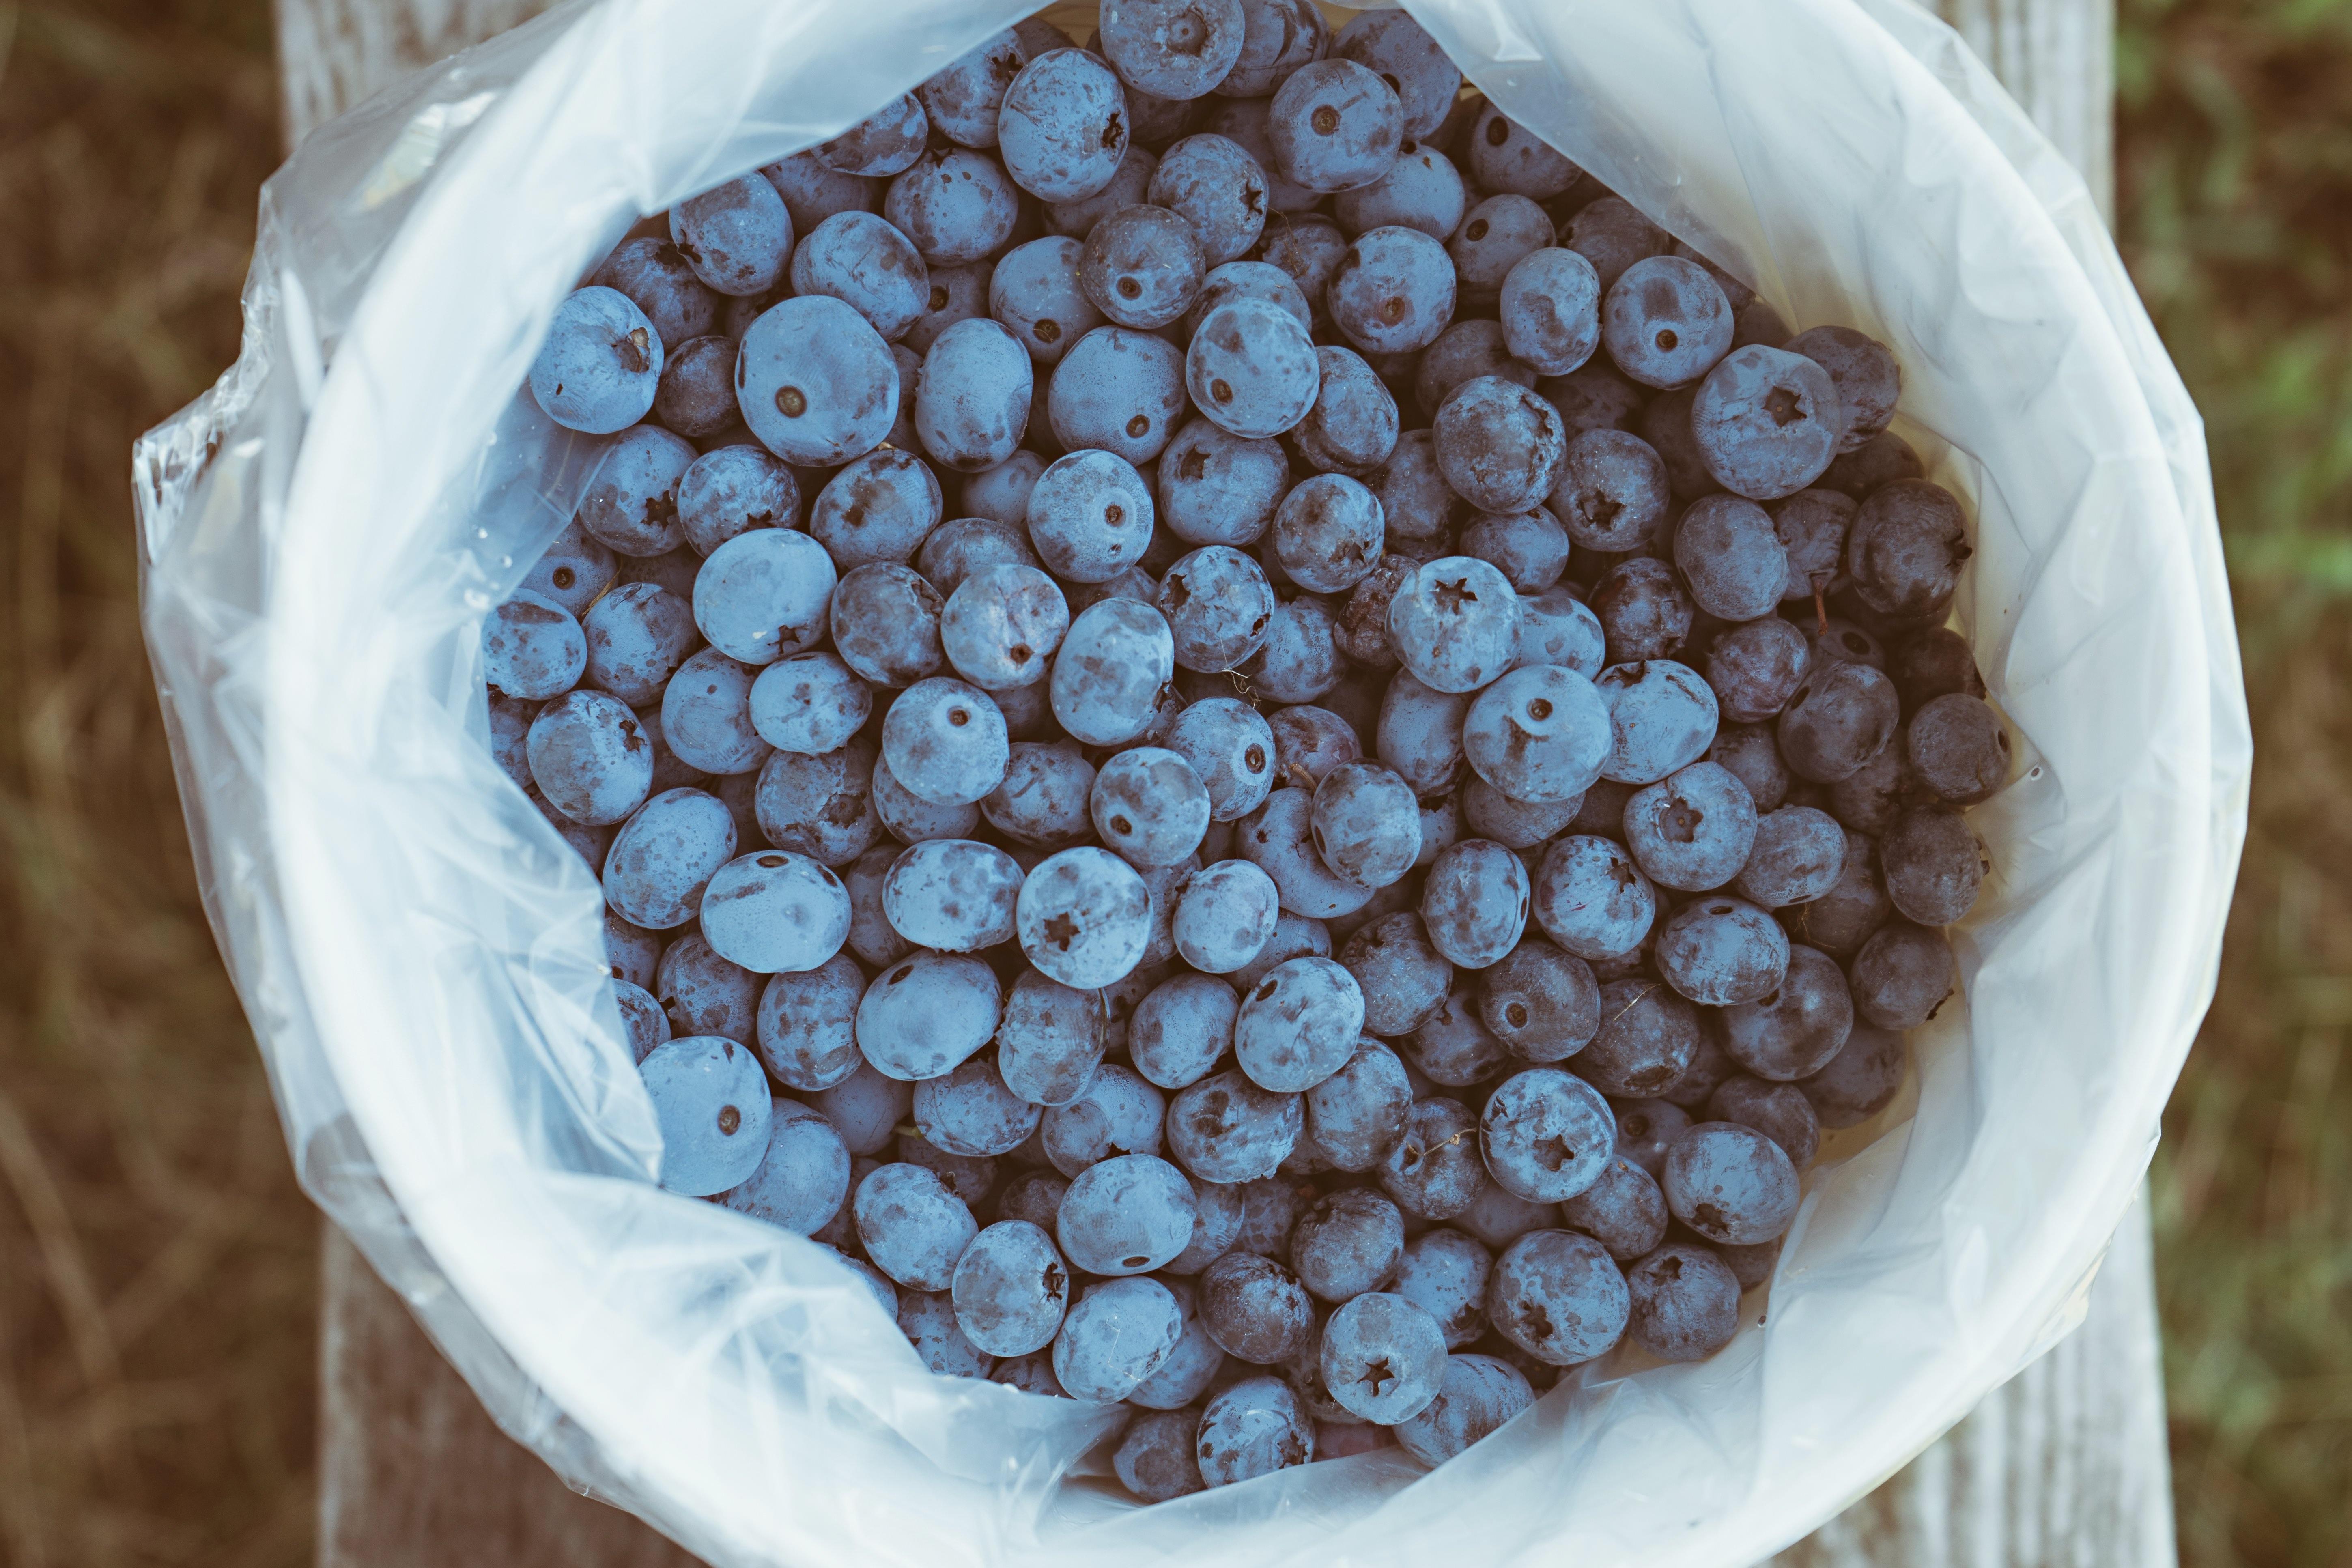 Gratis billeder : plante, bænk, frugt, bær, fremstille, kurv, sund ...